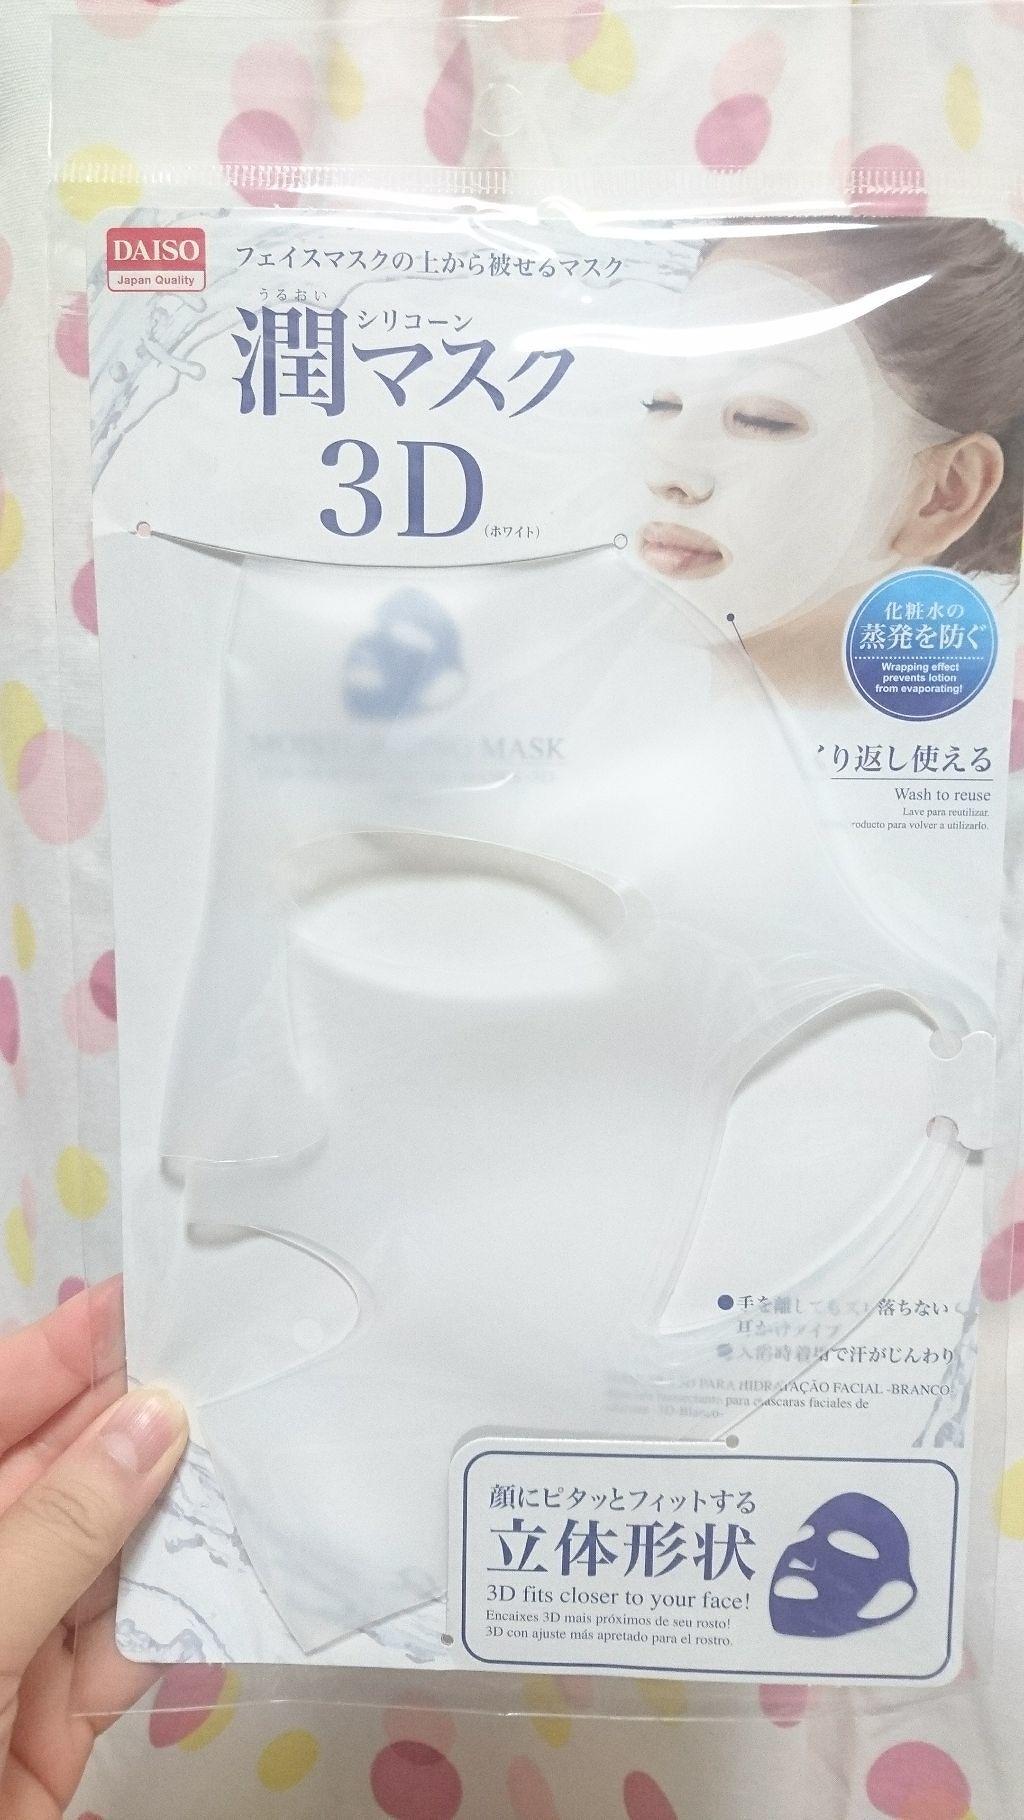 ザ・ダイソー 潤シリコーンマスク3D